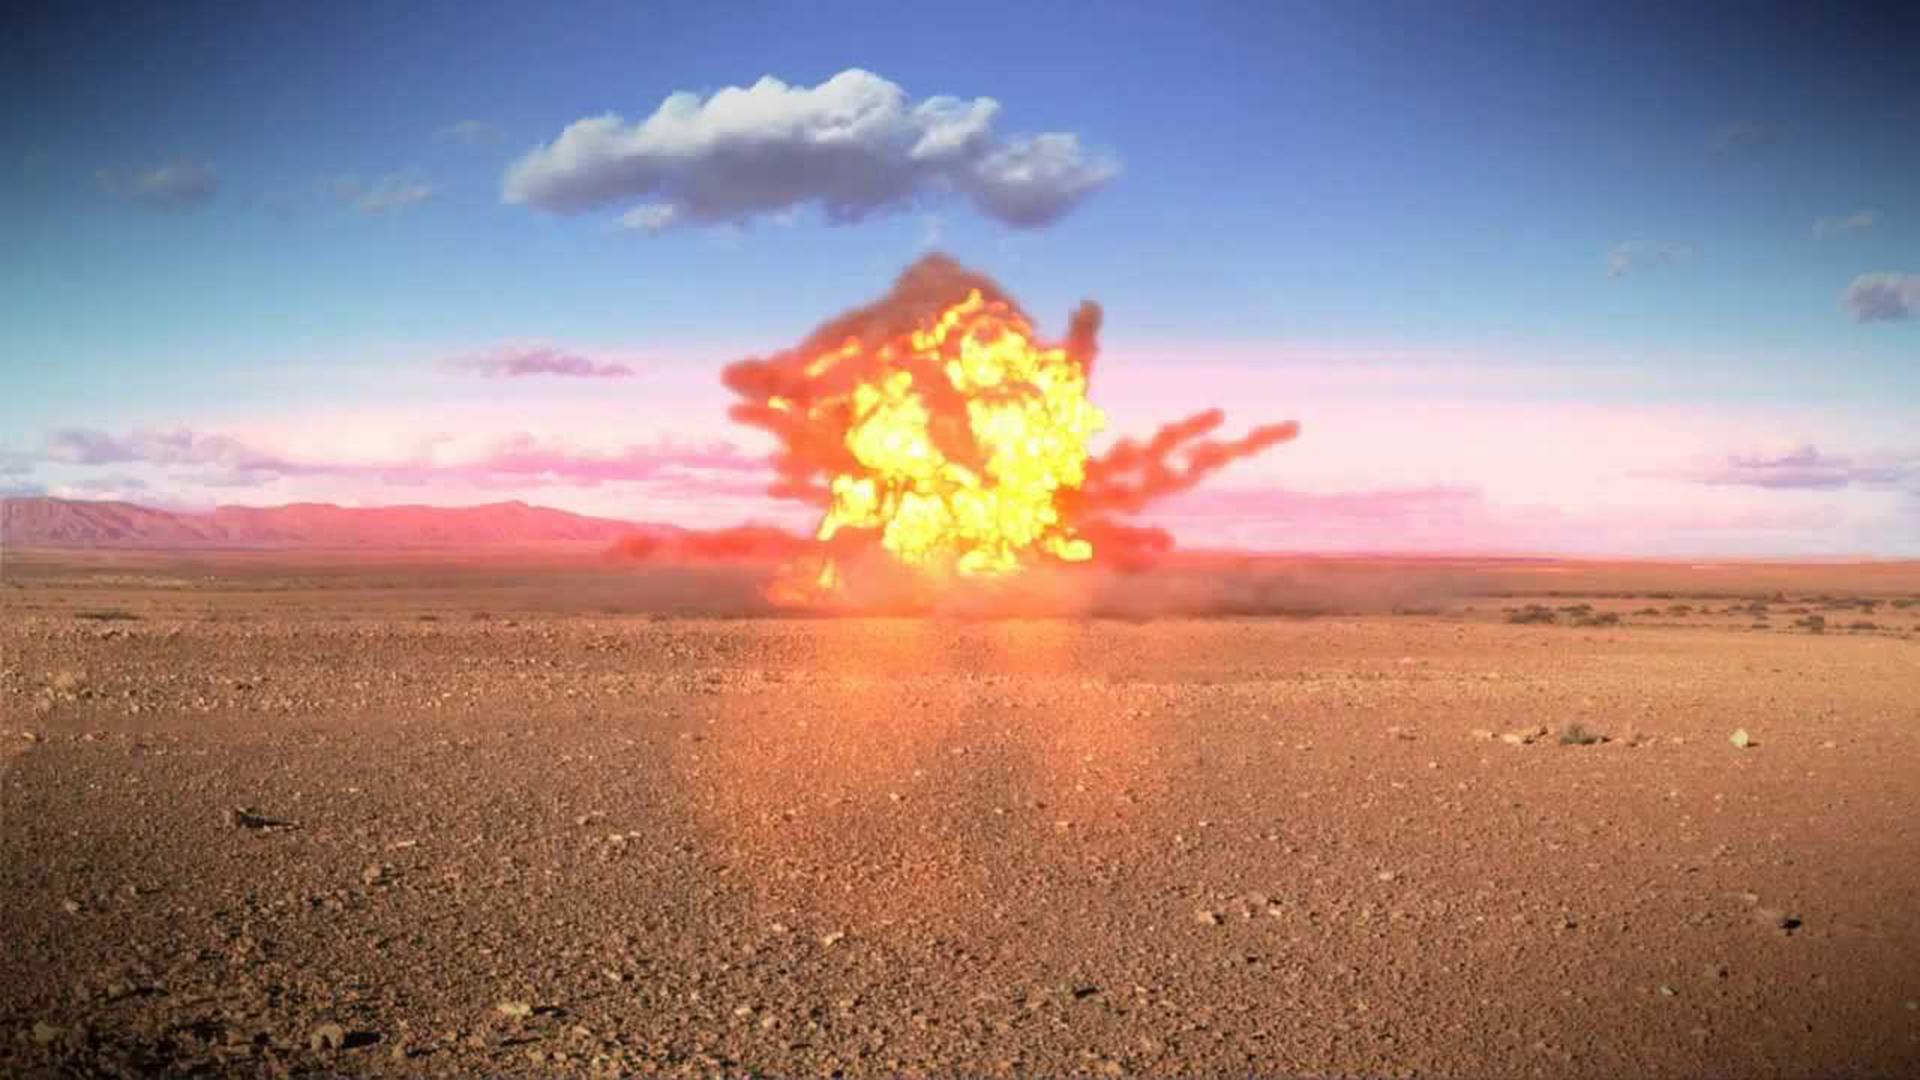 взрыв в blender3d, урок, видеоурок, devgam.com